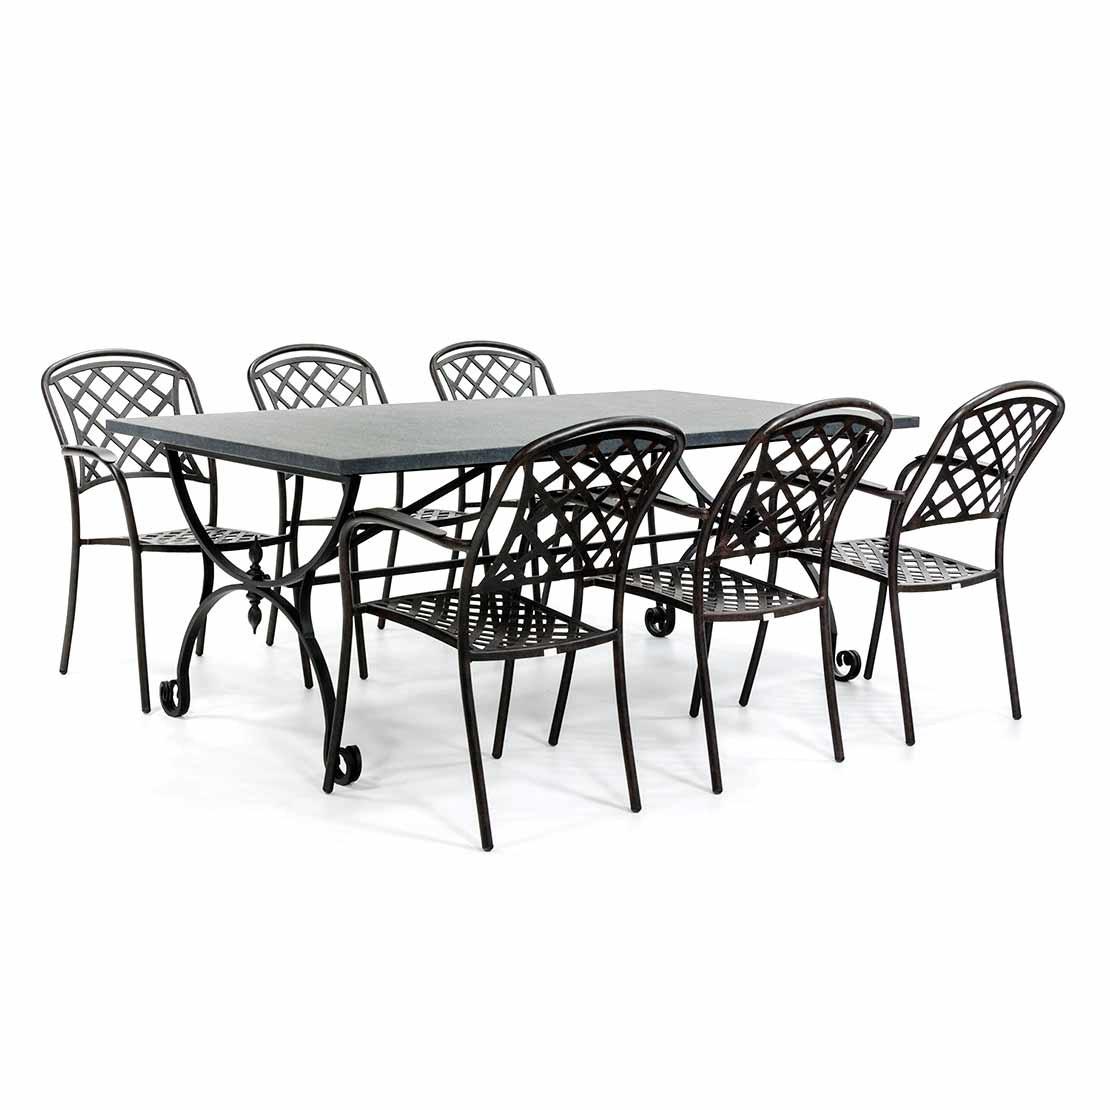 Stenen tuintafel met klassieke stoelen